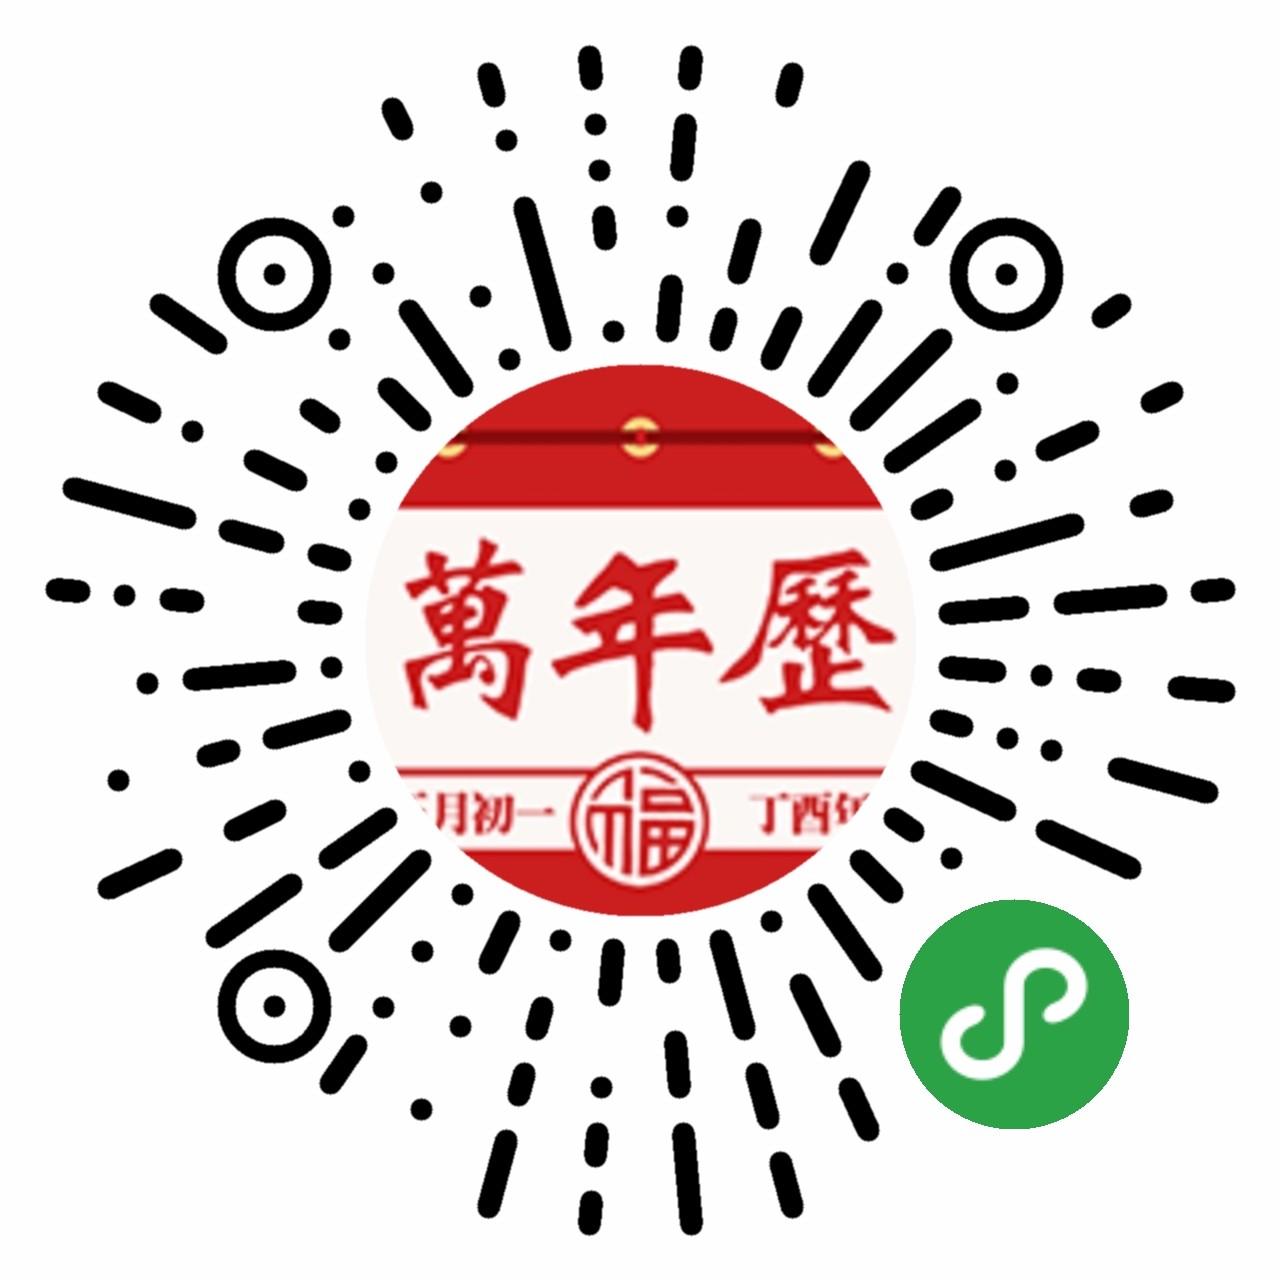 万年历节日历农历老黄历风水查询二维码